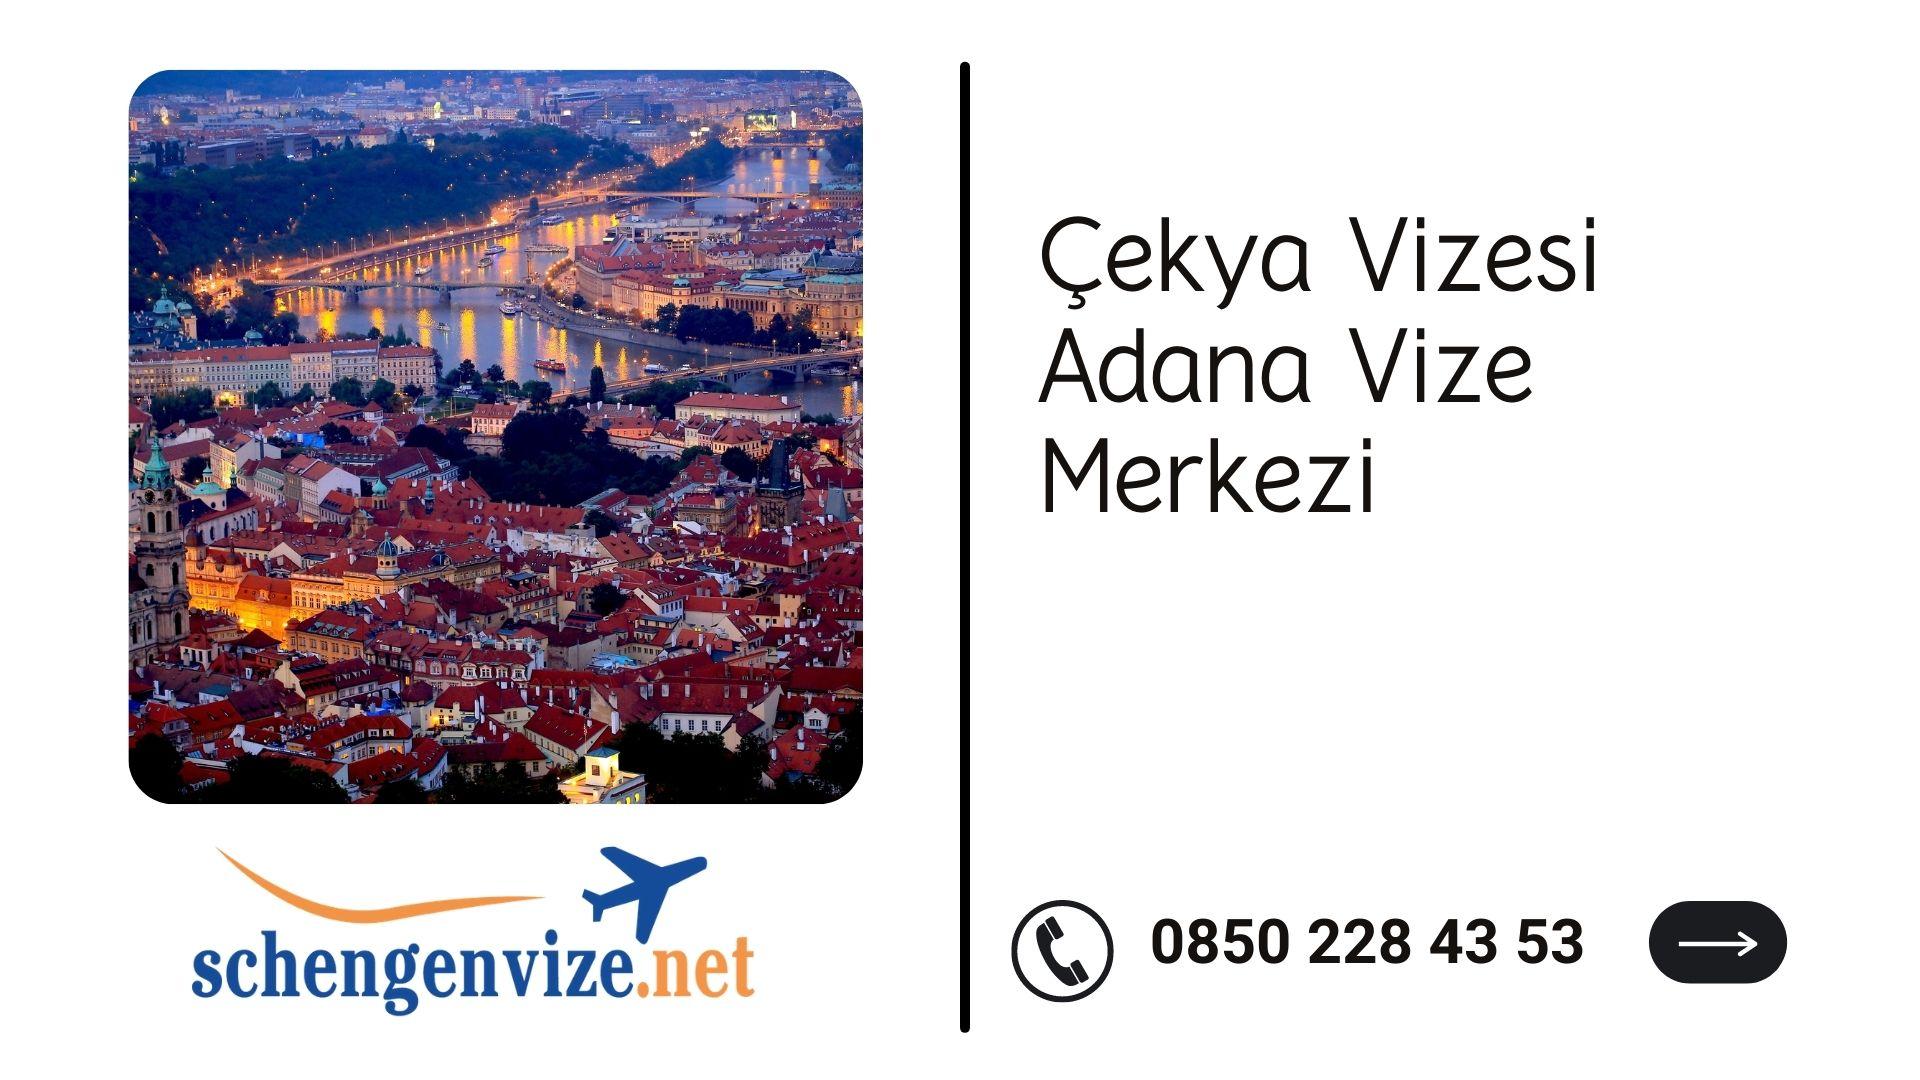 Çekya Vizesi Adana Vize Merkezi